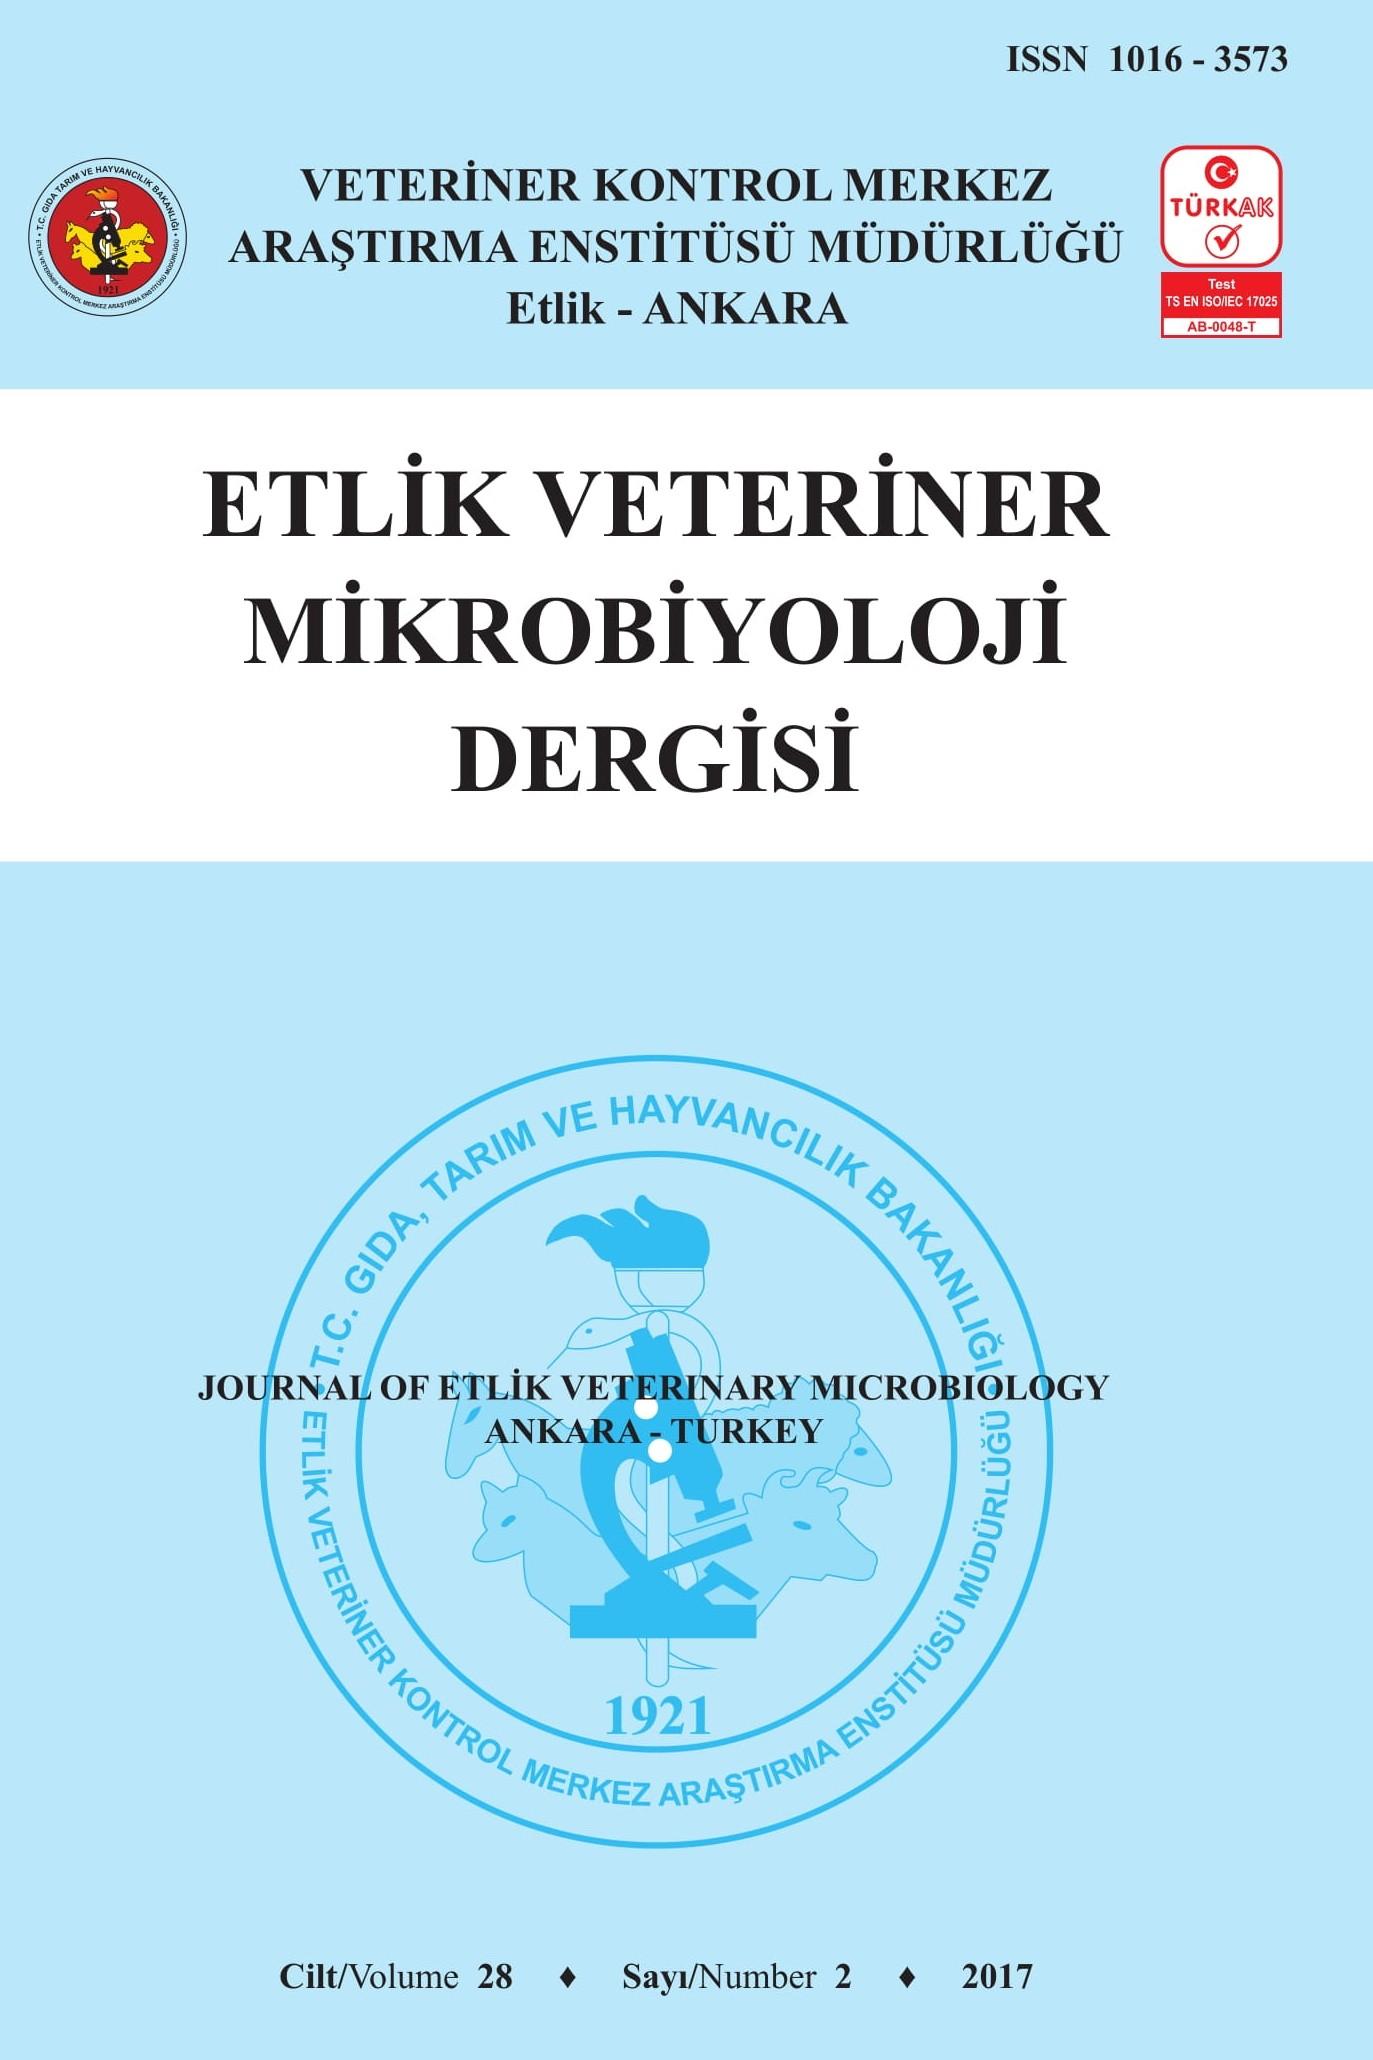 Journal of Etlik Veterinary Microbiology